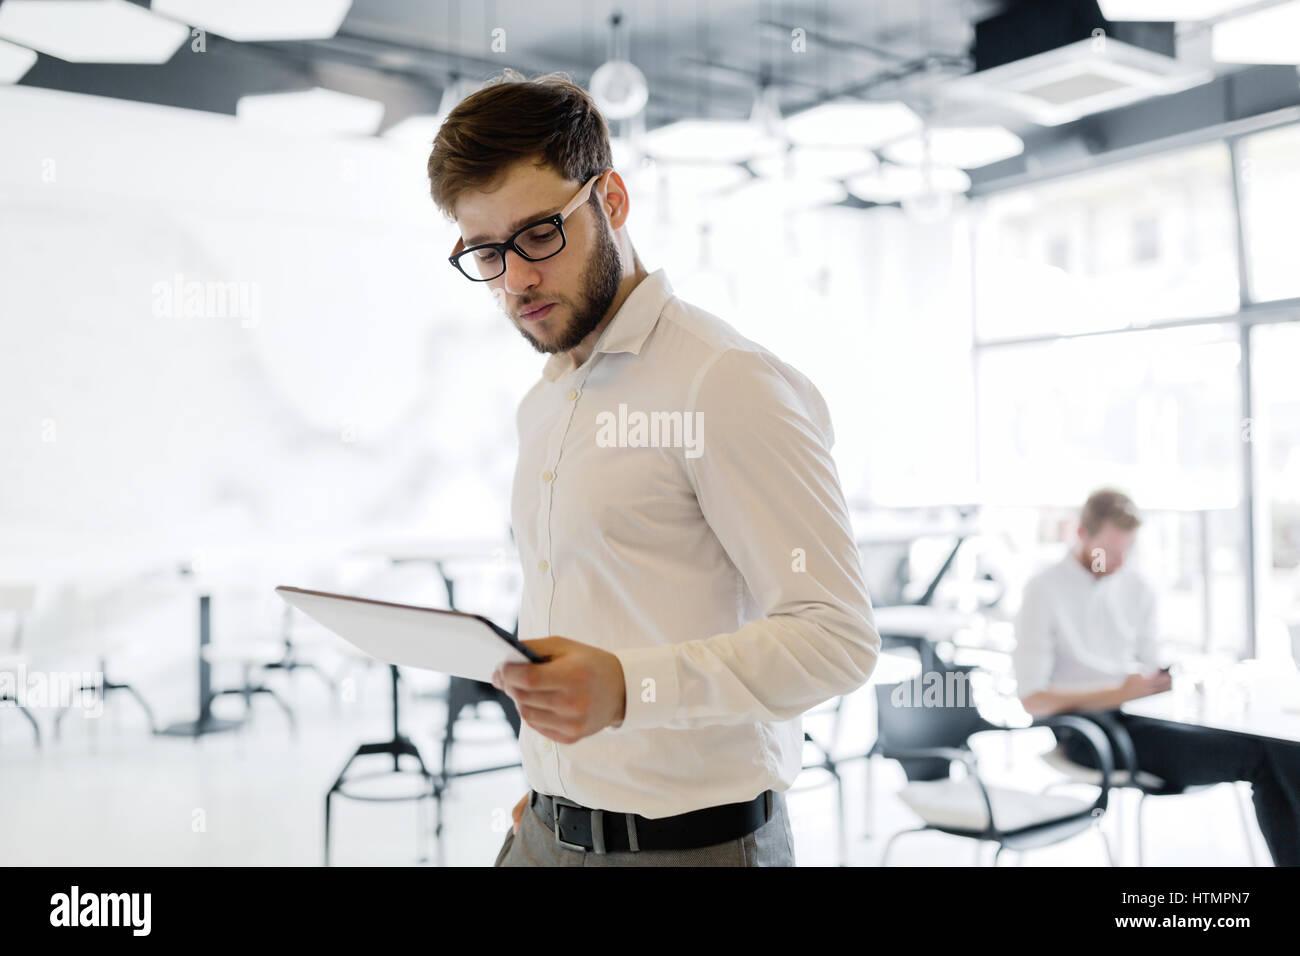 Fiducioso imprenditore indossando maglietta e occhiali che usano tablet Immagini Stock